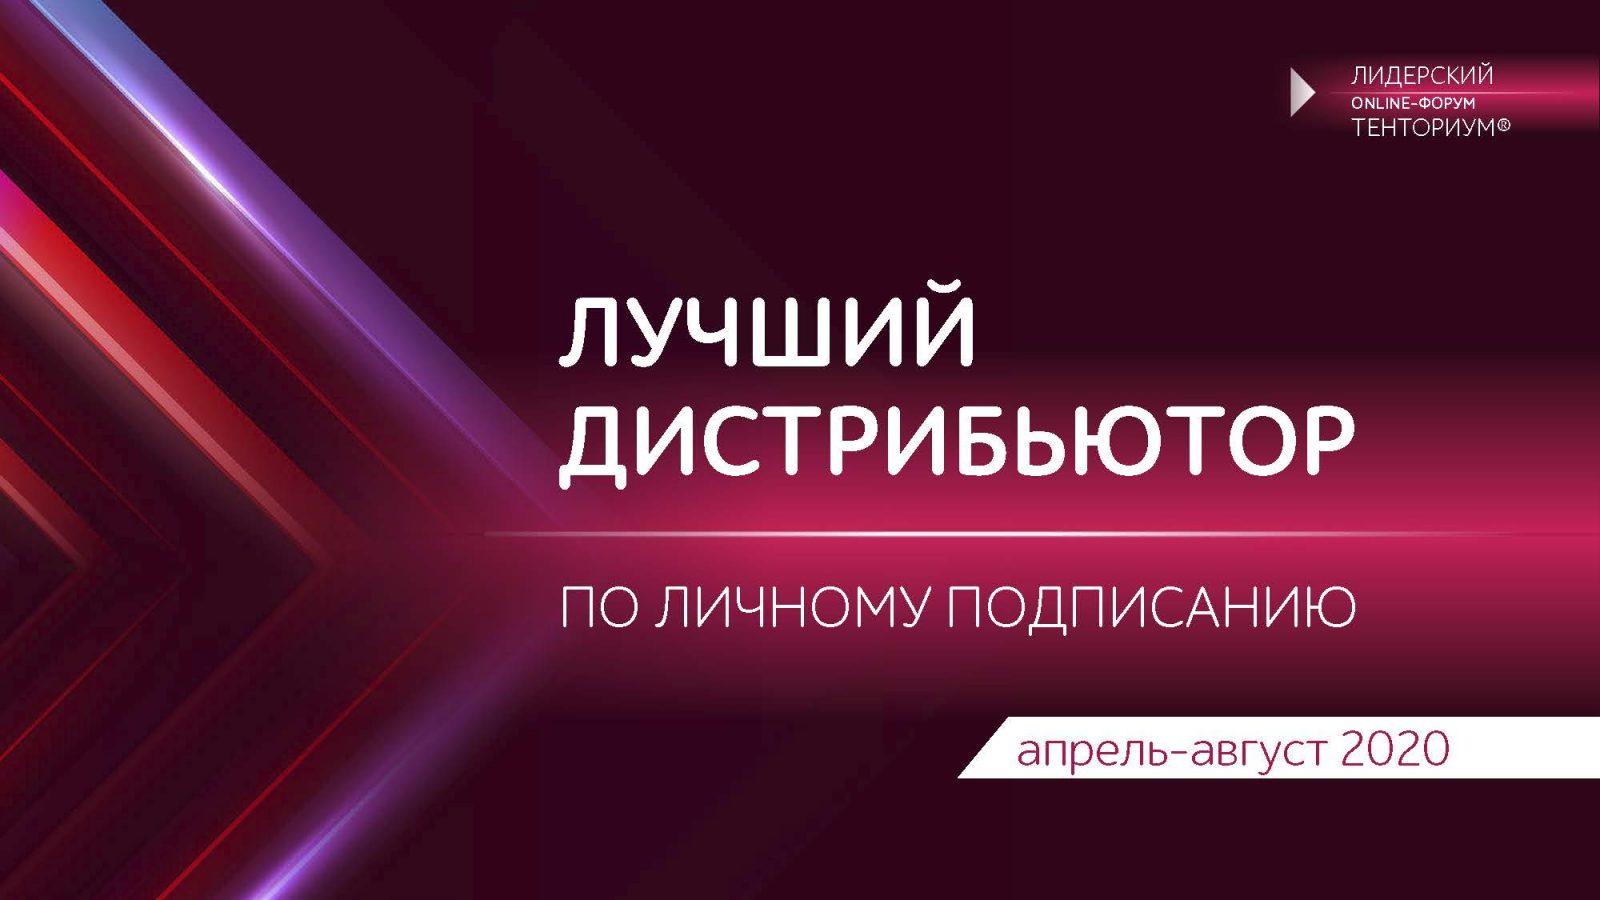 LF-2020-Luchshij-Distribyutor-po-lichnomu-podpisaniyu-2_Stranitsa_1